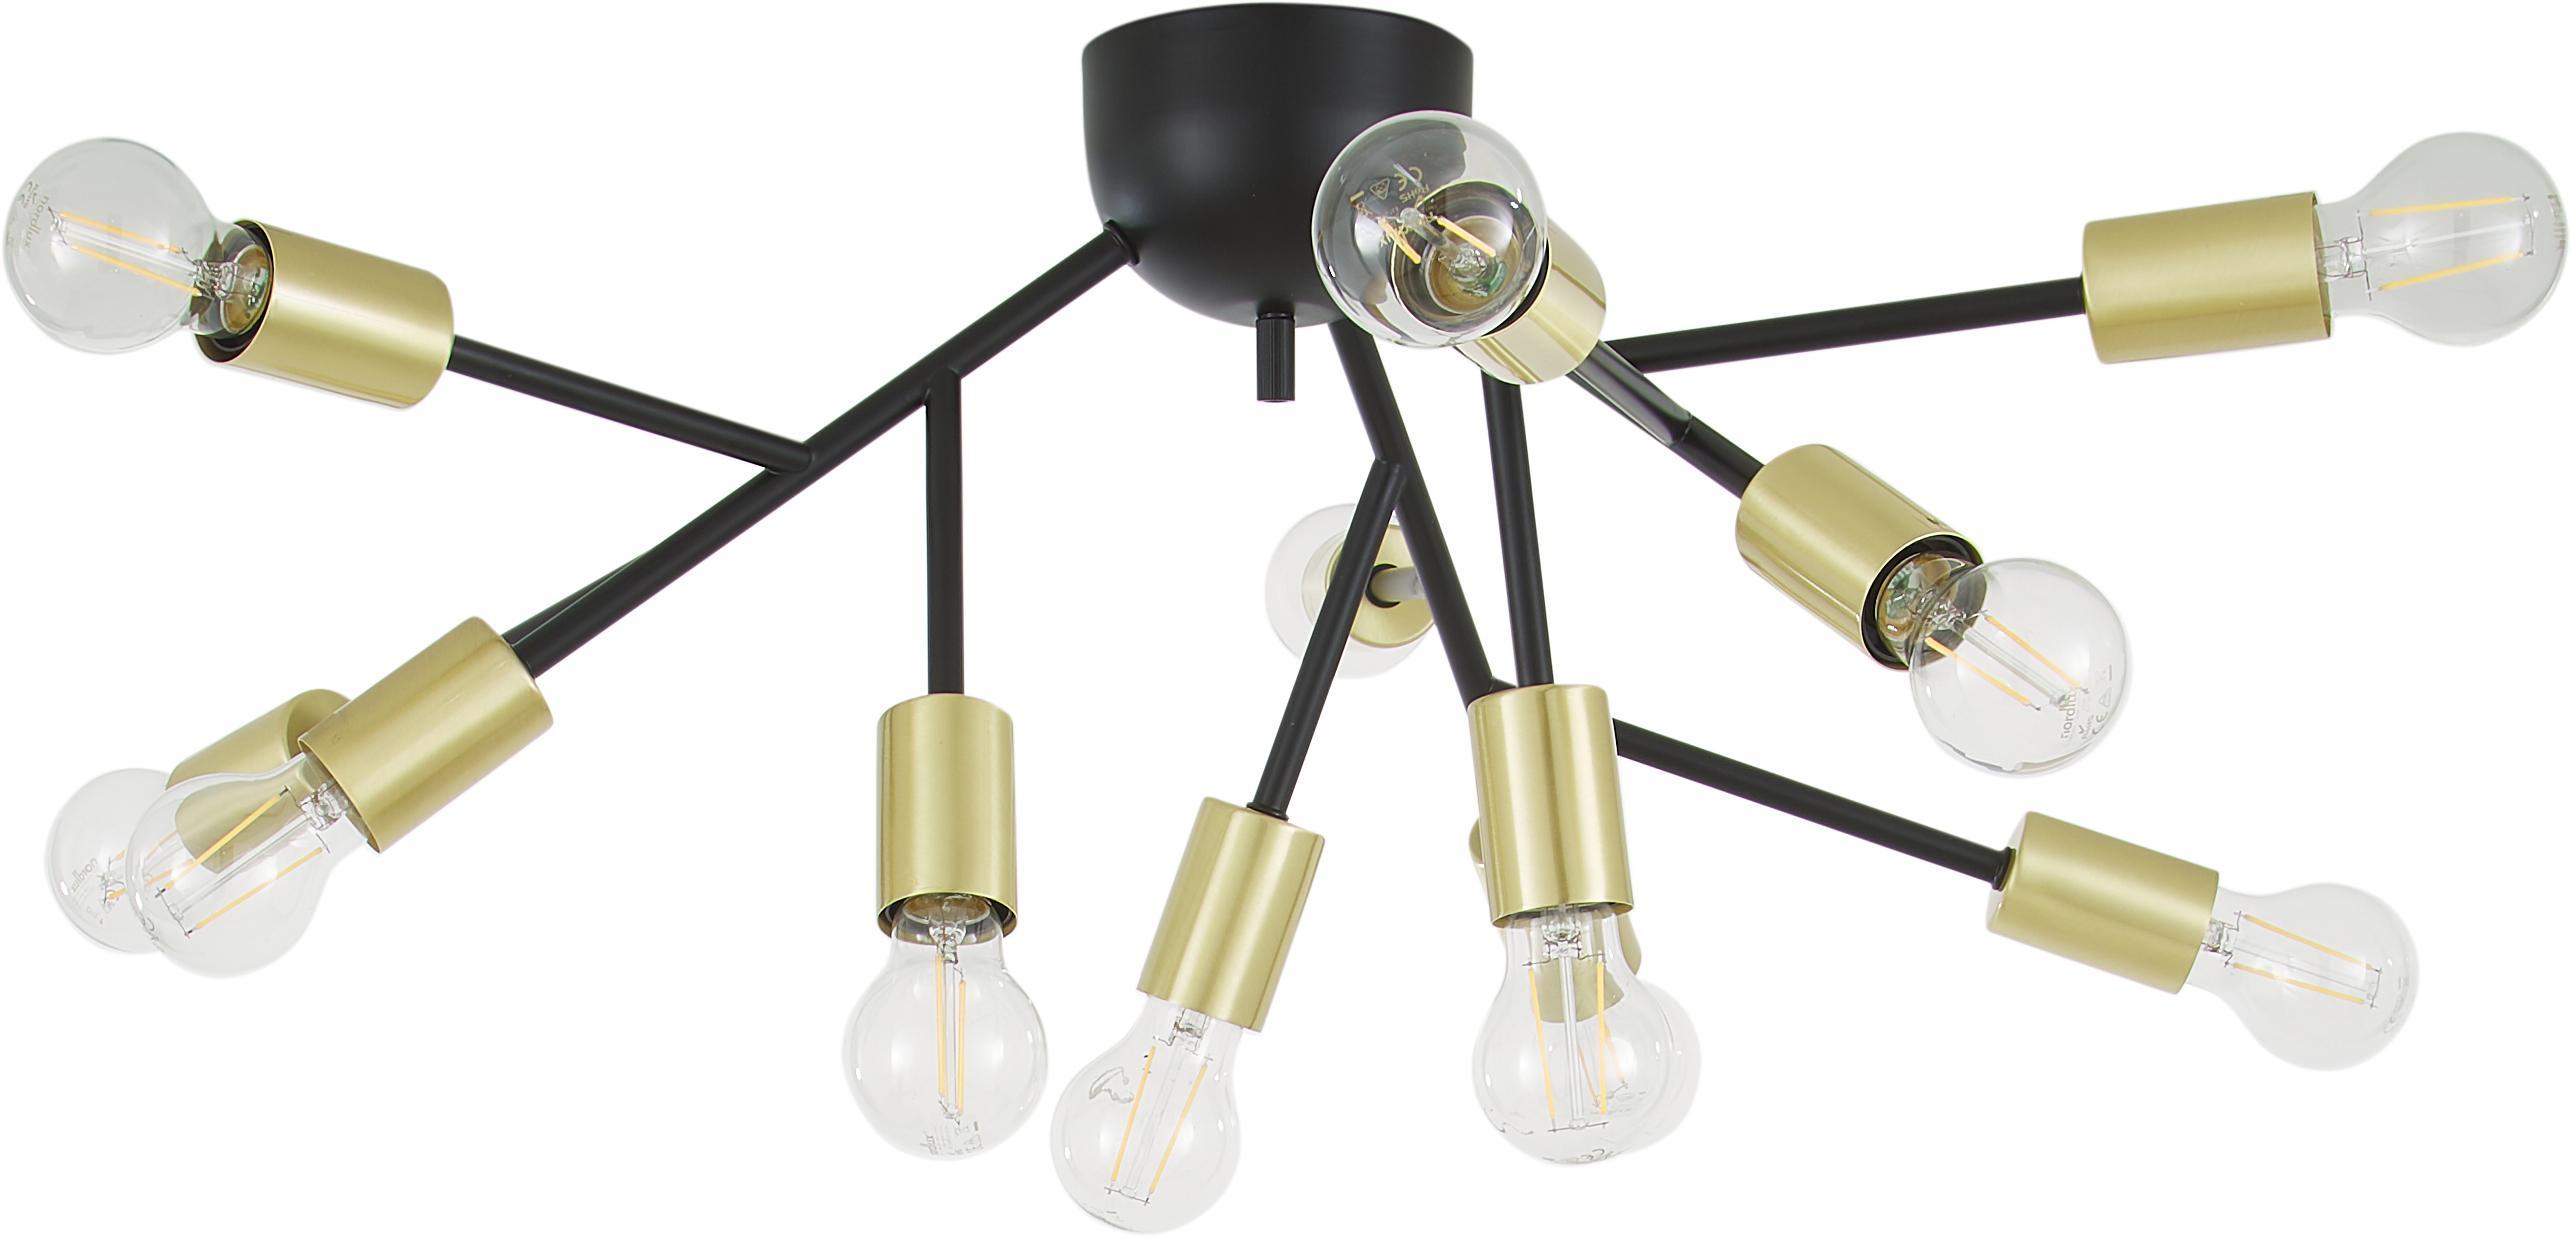 Lampa sufitowa Hero, Czarny, mosiądz, Ø 72 x W 28 cm